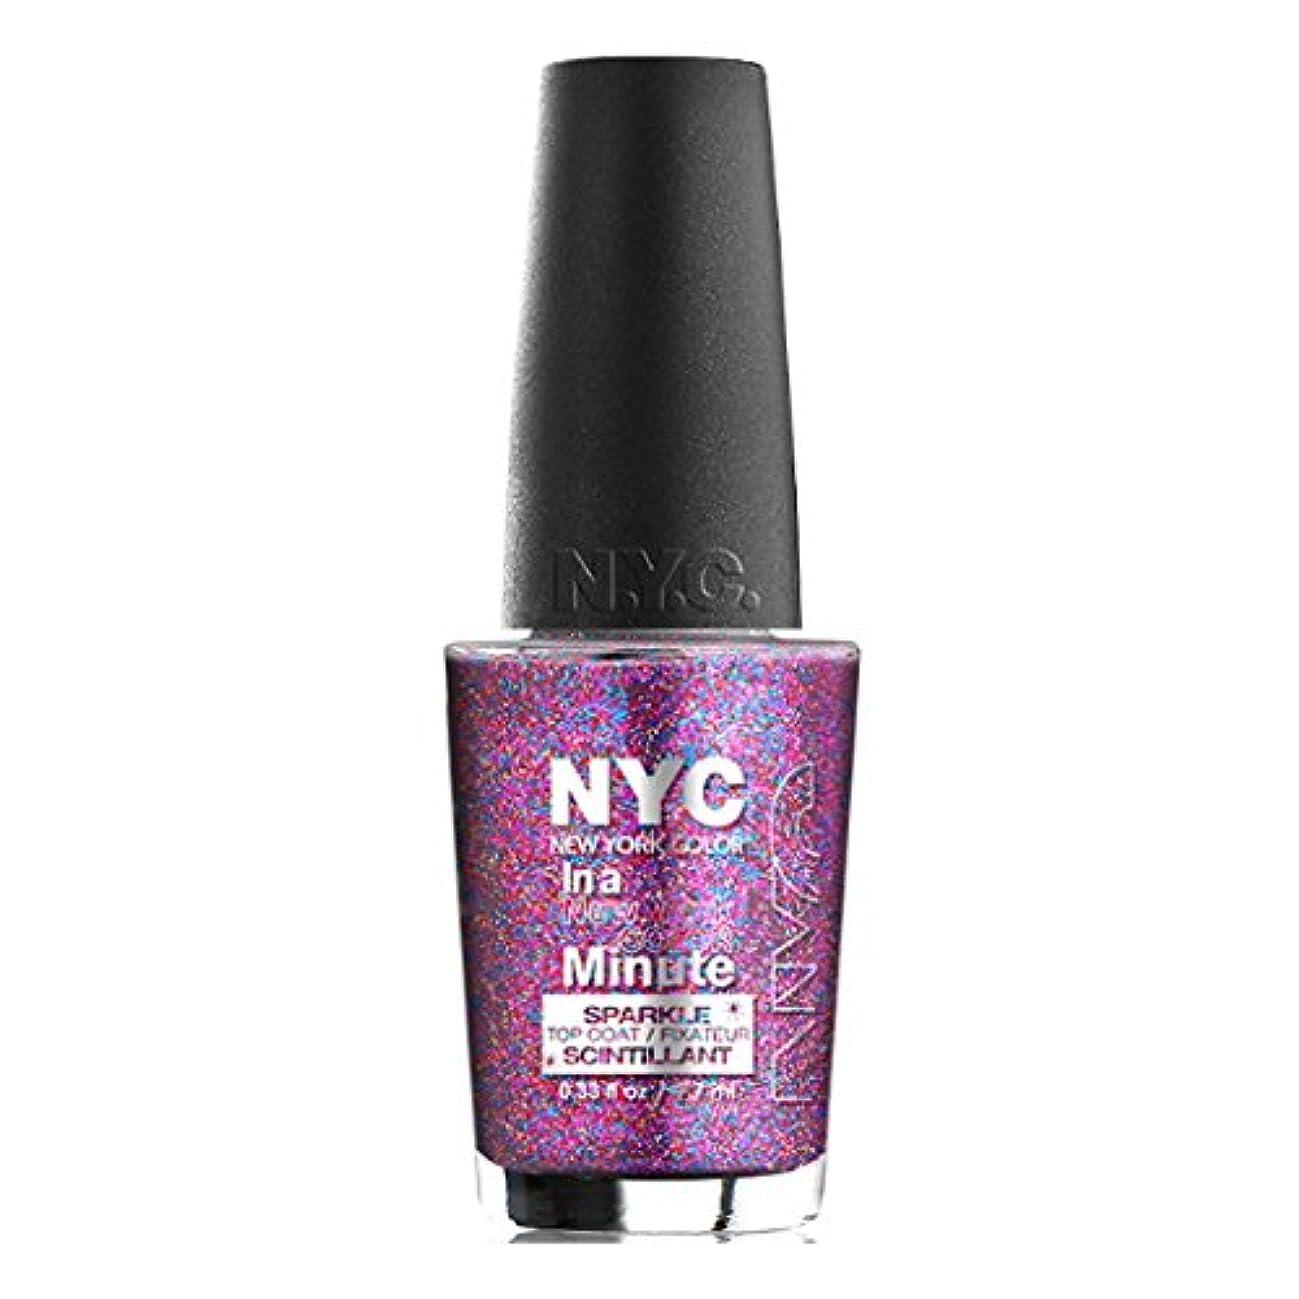 逆さまに部分的に物語NYC In A New York Color Minute Sparkle Top Coat Big City Dazzle (並行輸入品)